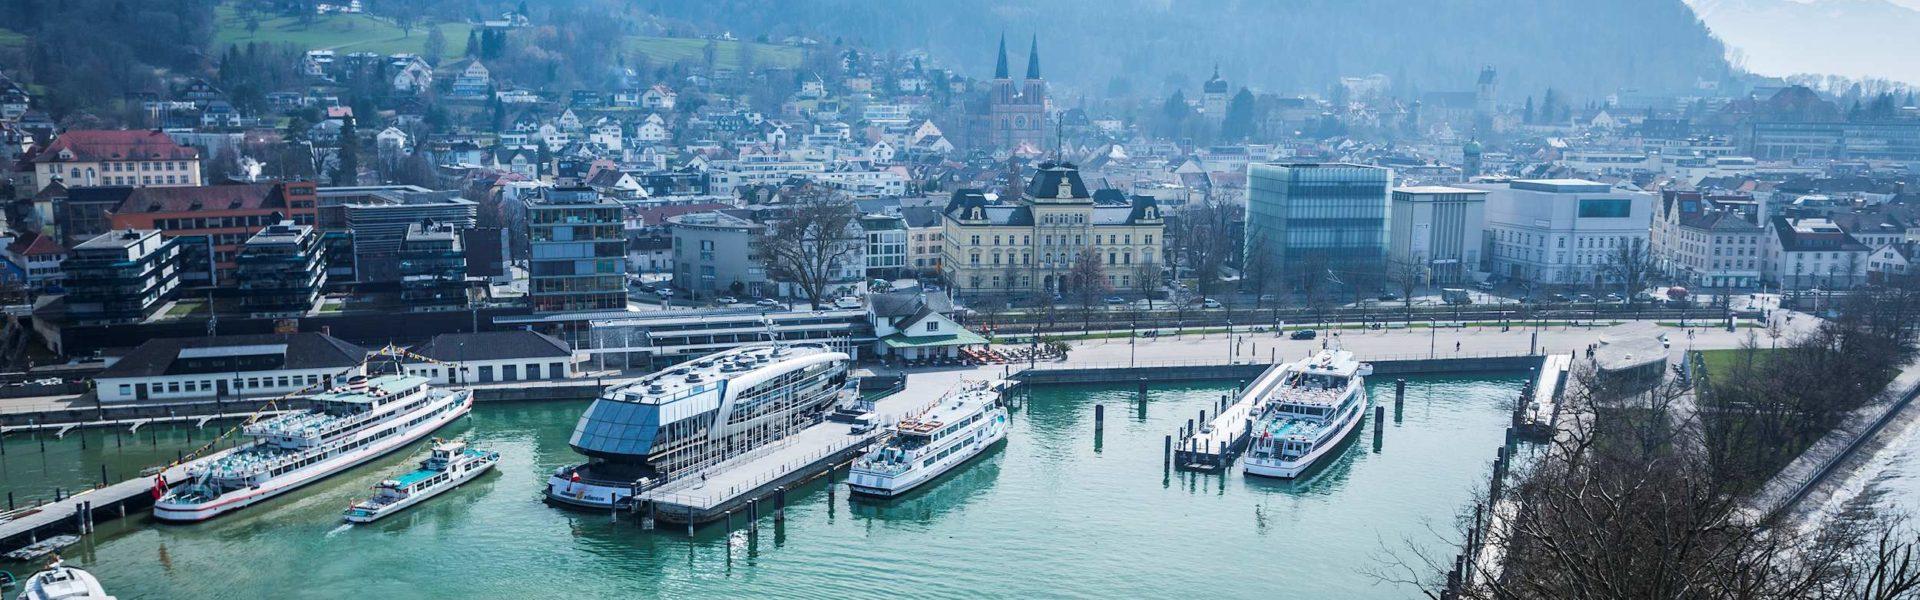 Vorarlberg Lines, Flotte im Hafen Bregenz (c) Reinhard Fasching